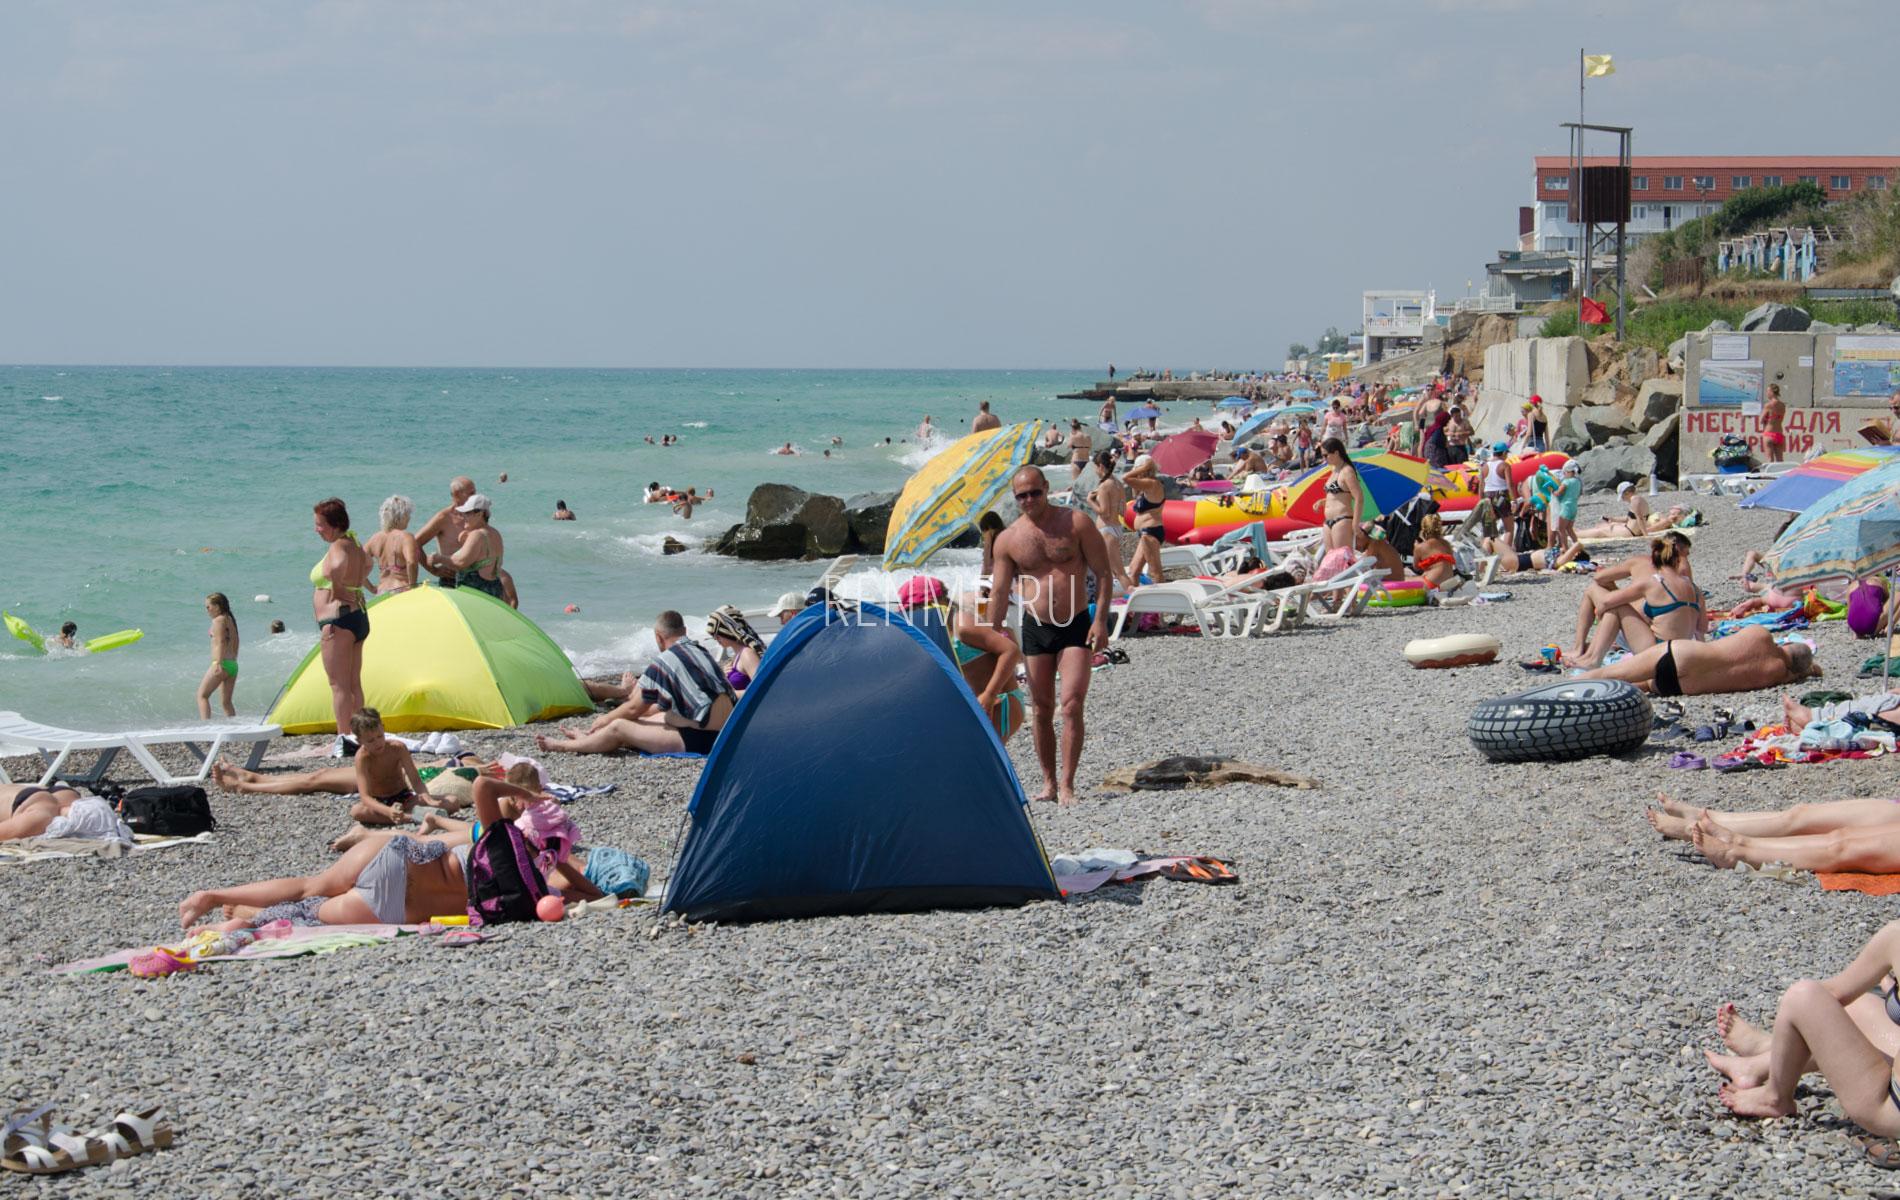 С палаткой на пляж в июне 2019. Фото Николаевки